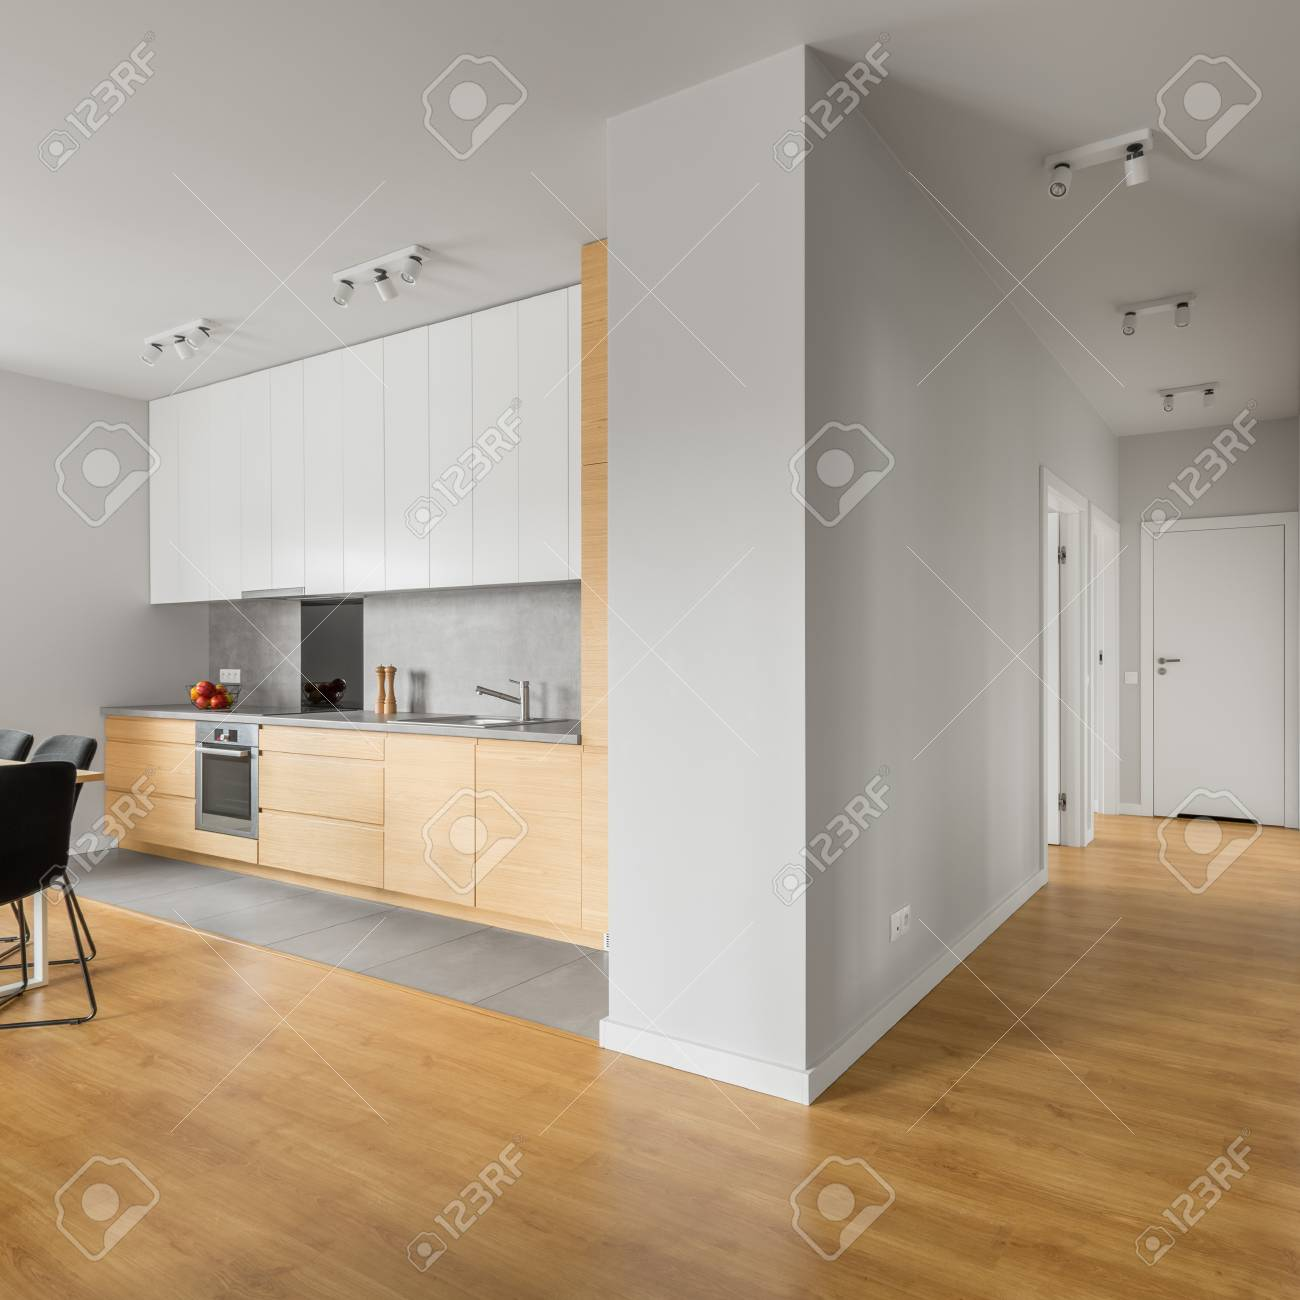 Full Size of White Loft Apartment Küche Deckenleuchte Küche